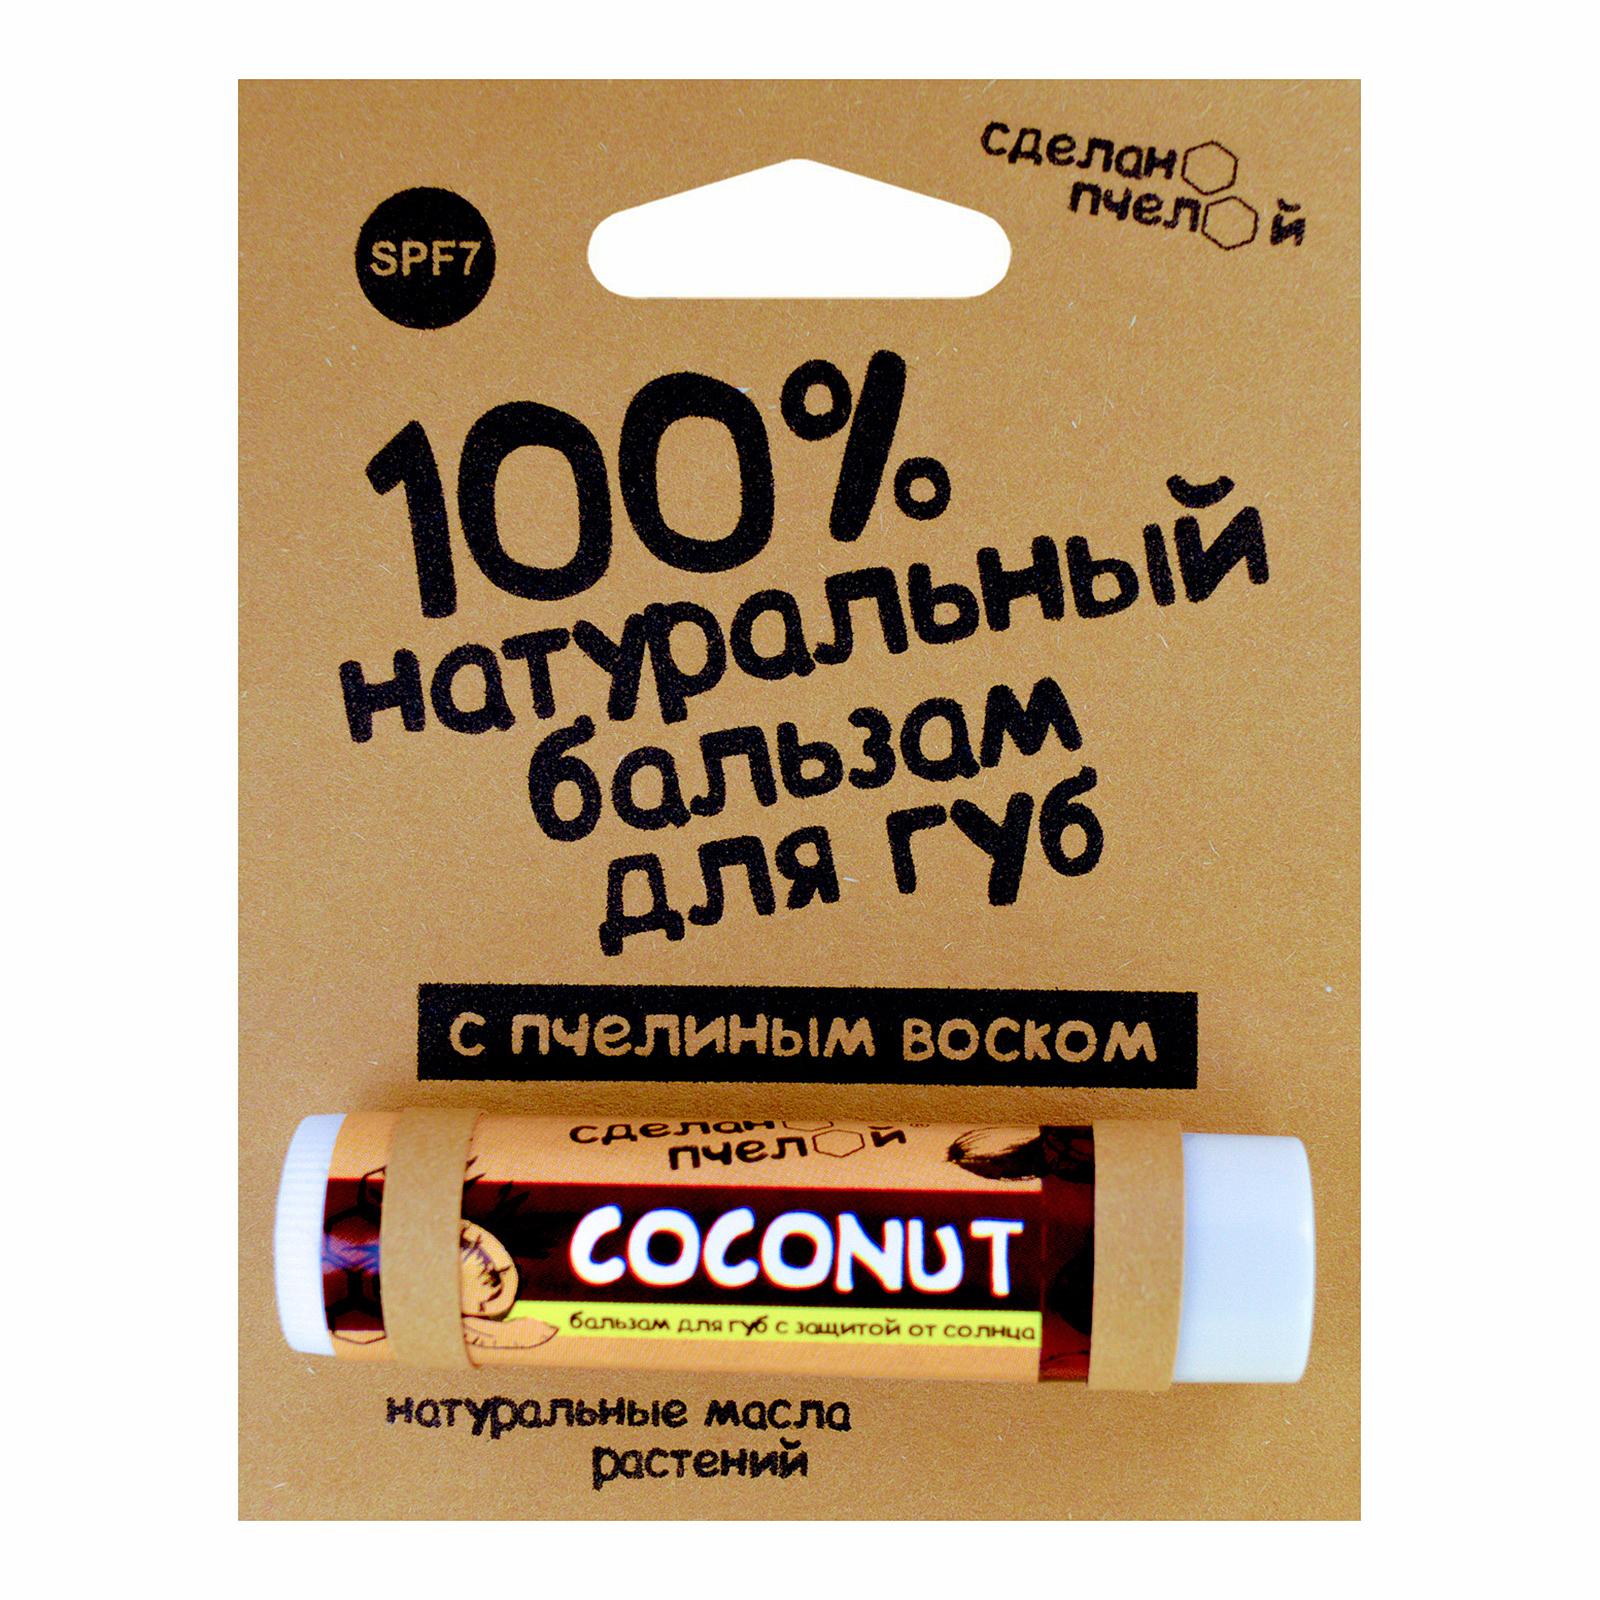 Натуральный бальзам для губ Сделанопчелой с пчелиным воском Cocount SPF7